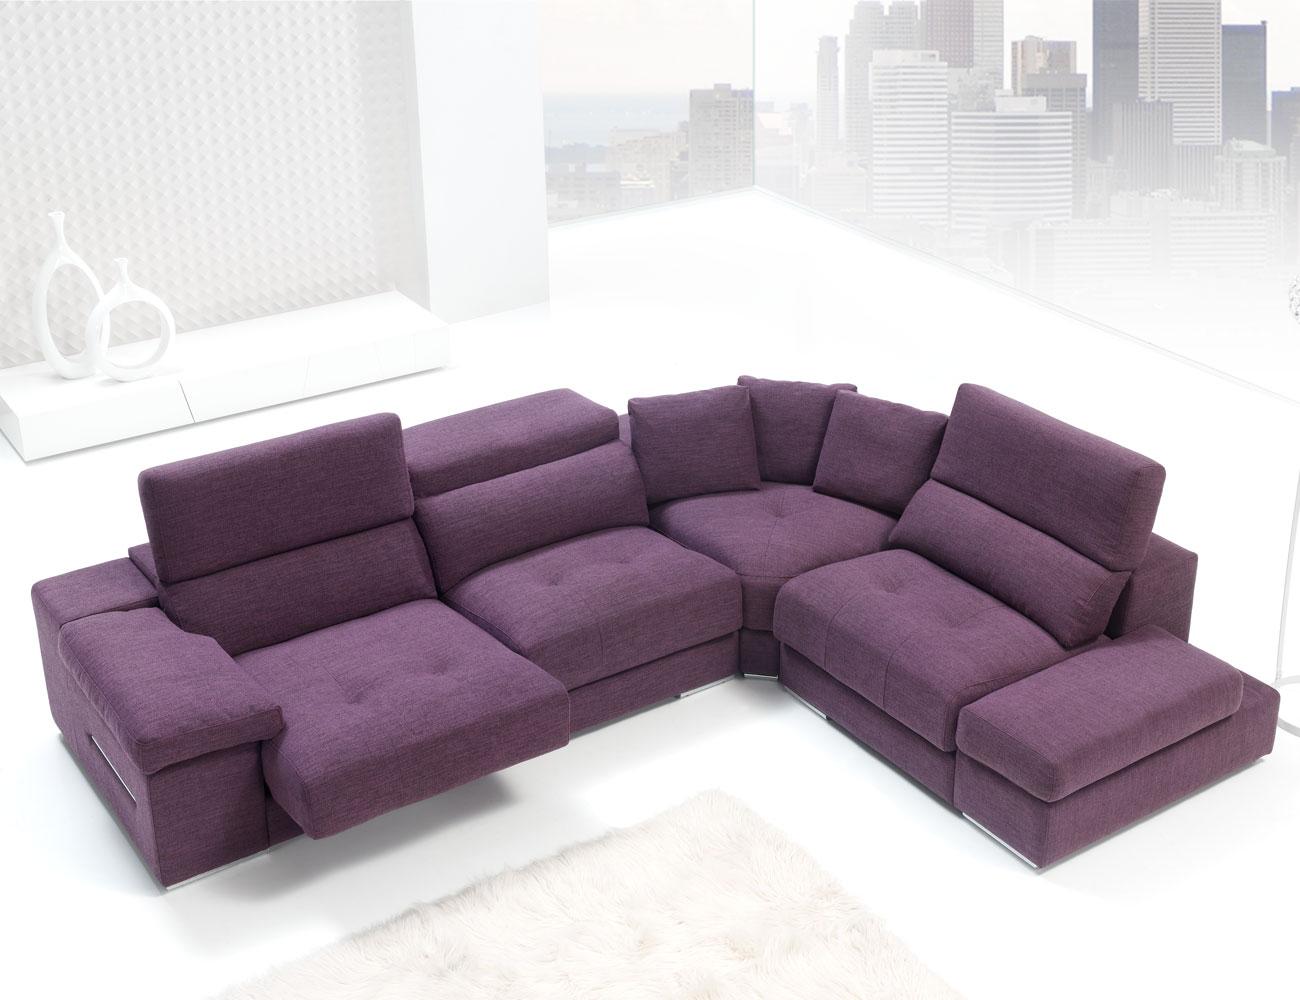 Sofa chaiselongue rincon con brazo mecanico tejido anti manchas 273